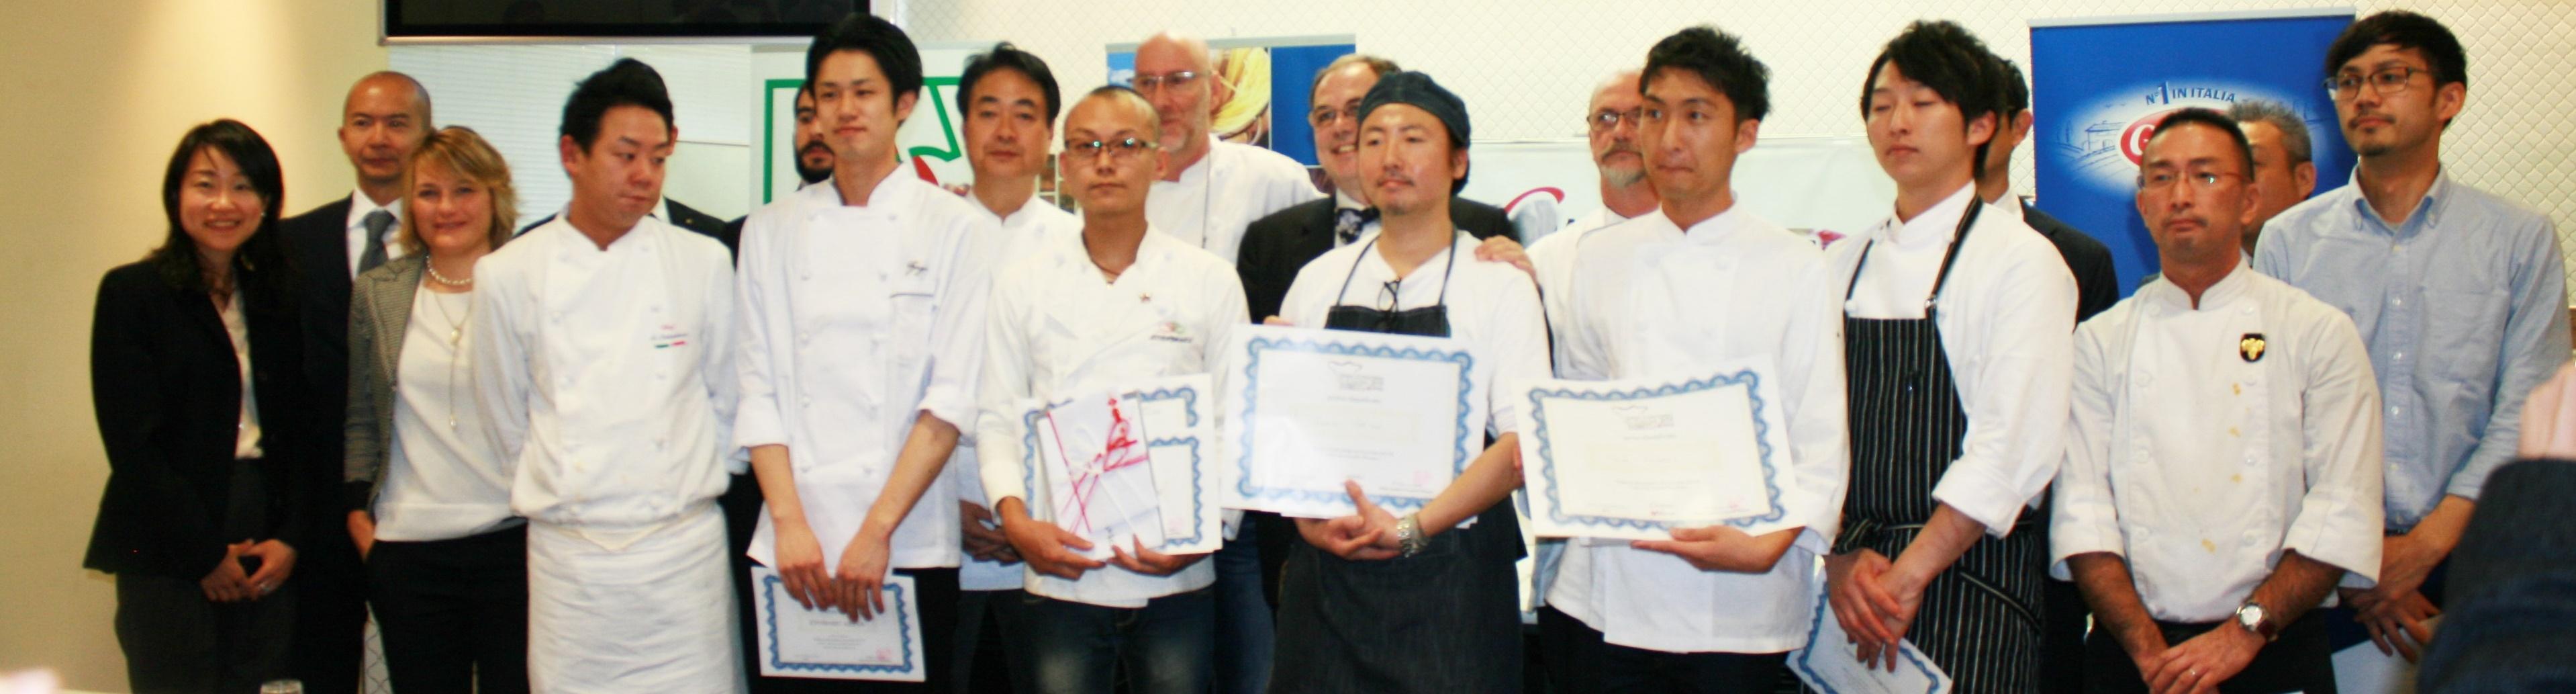 イル・ゴロザリオ& The Cuisine Pressコラボレーション企画  AQI連動:イタリアの食文化の魅力を発信!